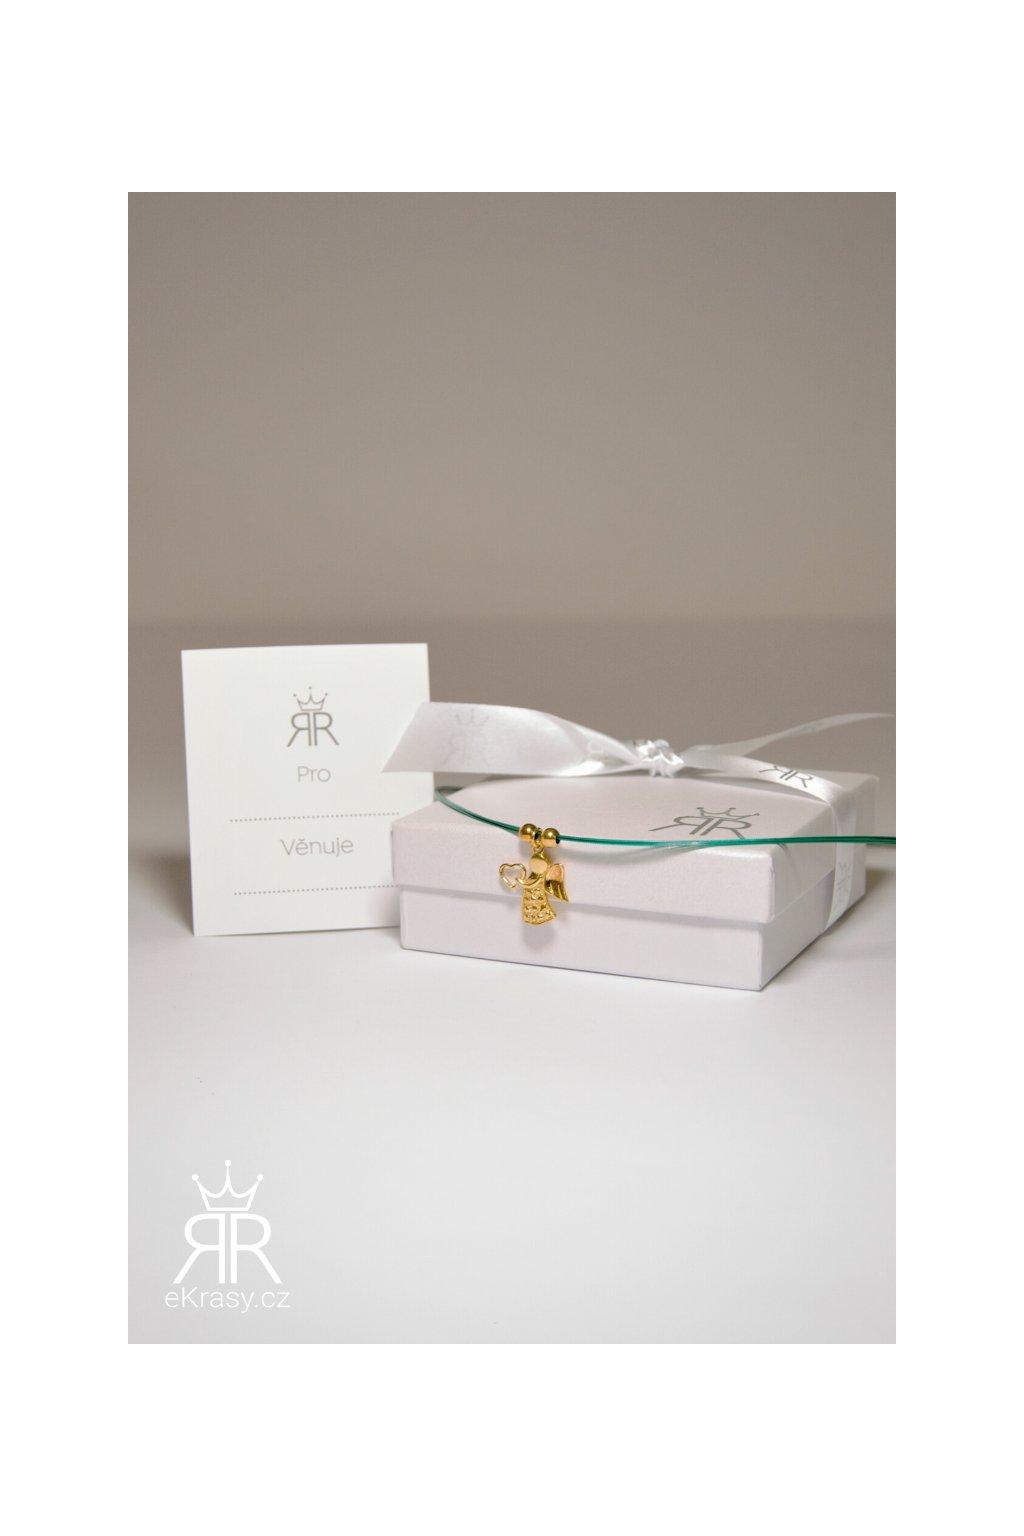 eKrasy náhrdelník Anděl (3)